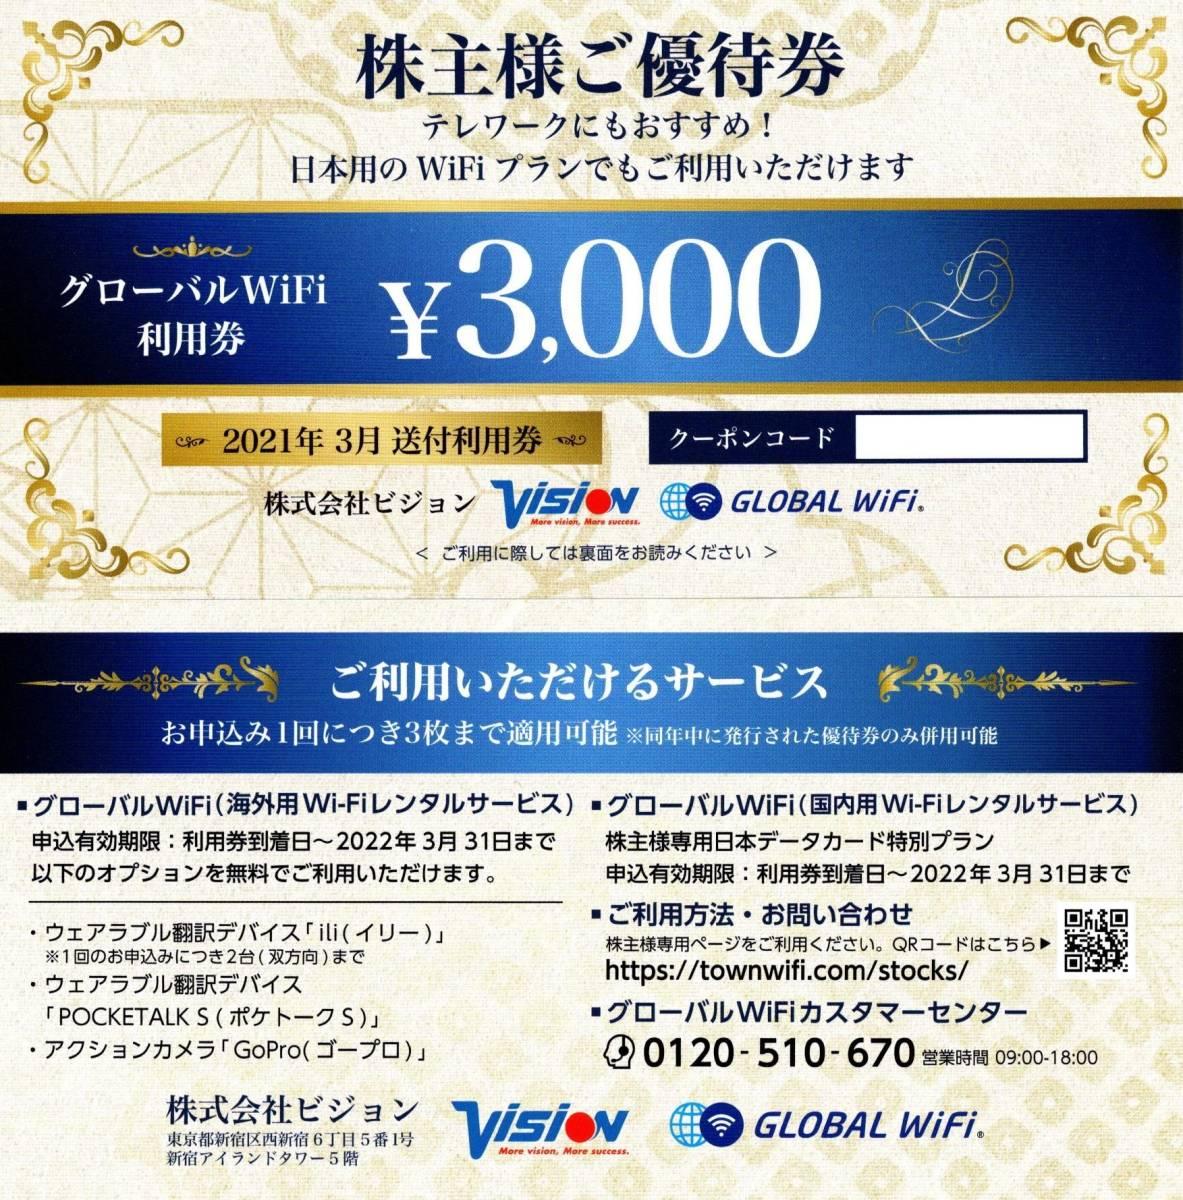 ビジョン 株主優待 クローバルWiFi 利用券 3000円分 2枚 6000円分 有効期限2021/8/31 コード通知_画像1